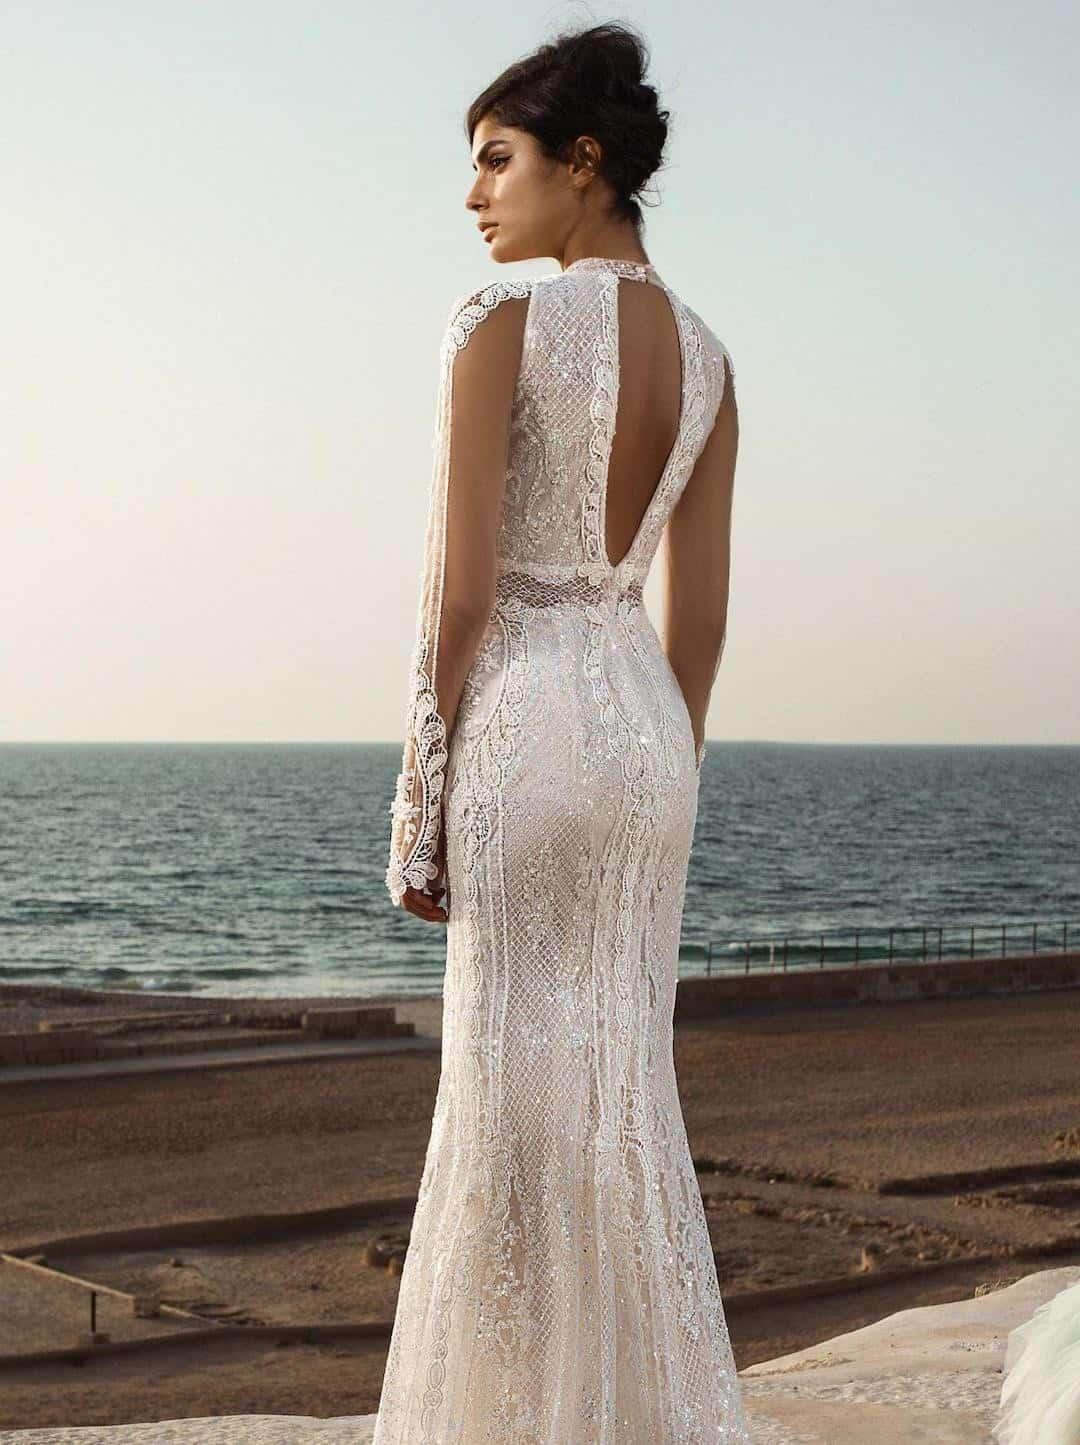 Haute Couture esküvöi ruhák - Gala-805-back